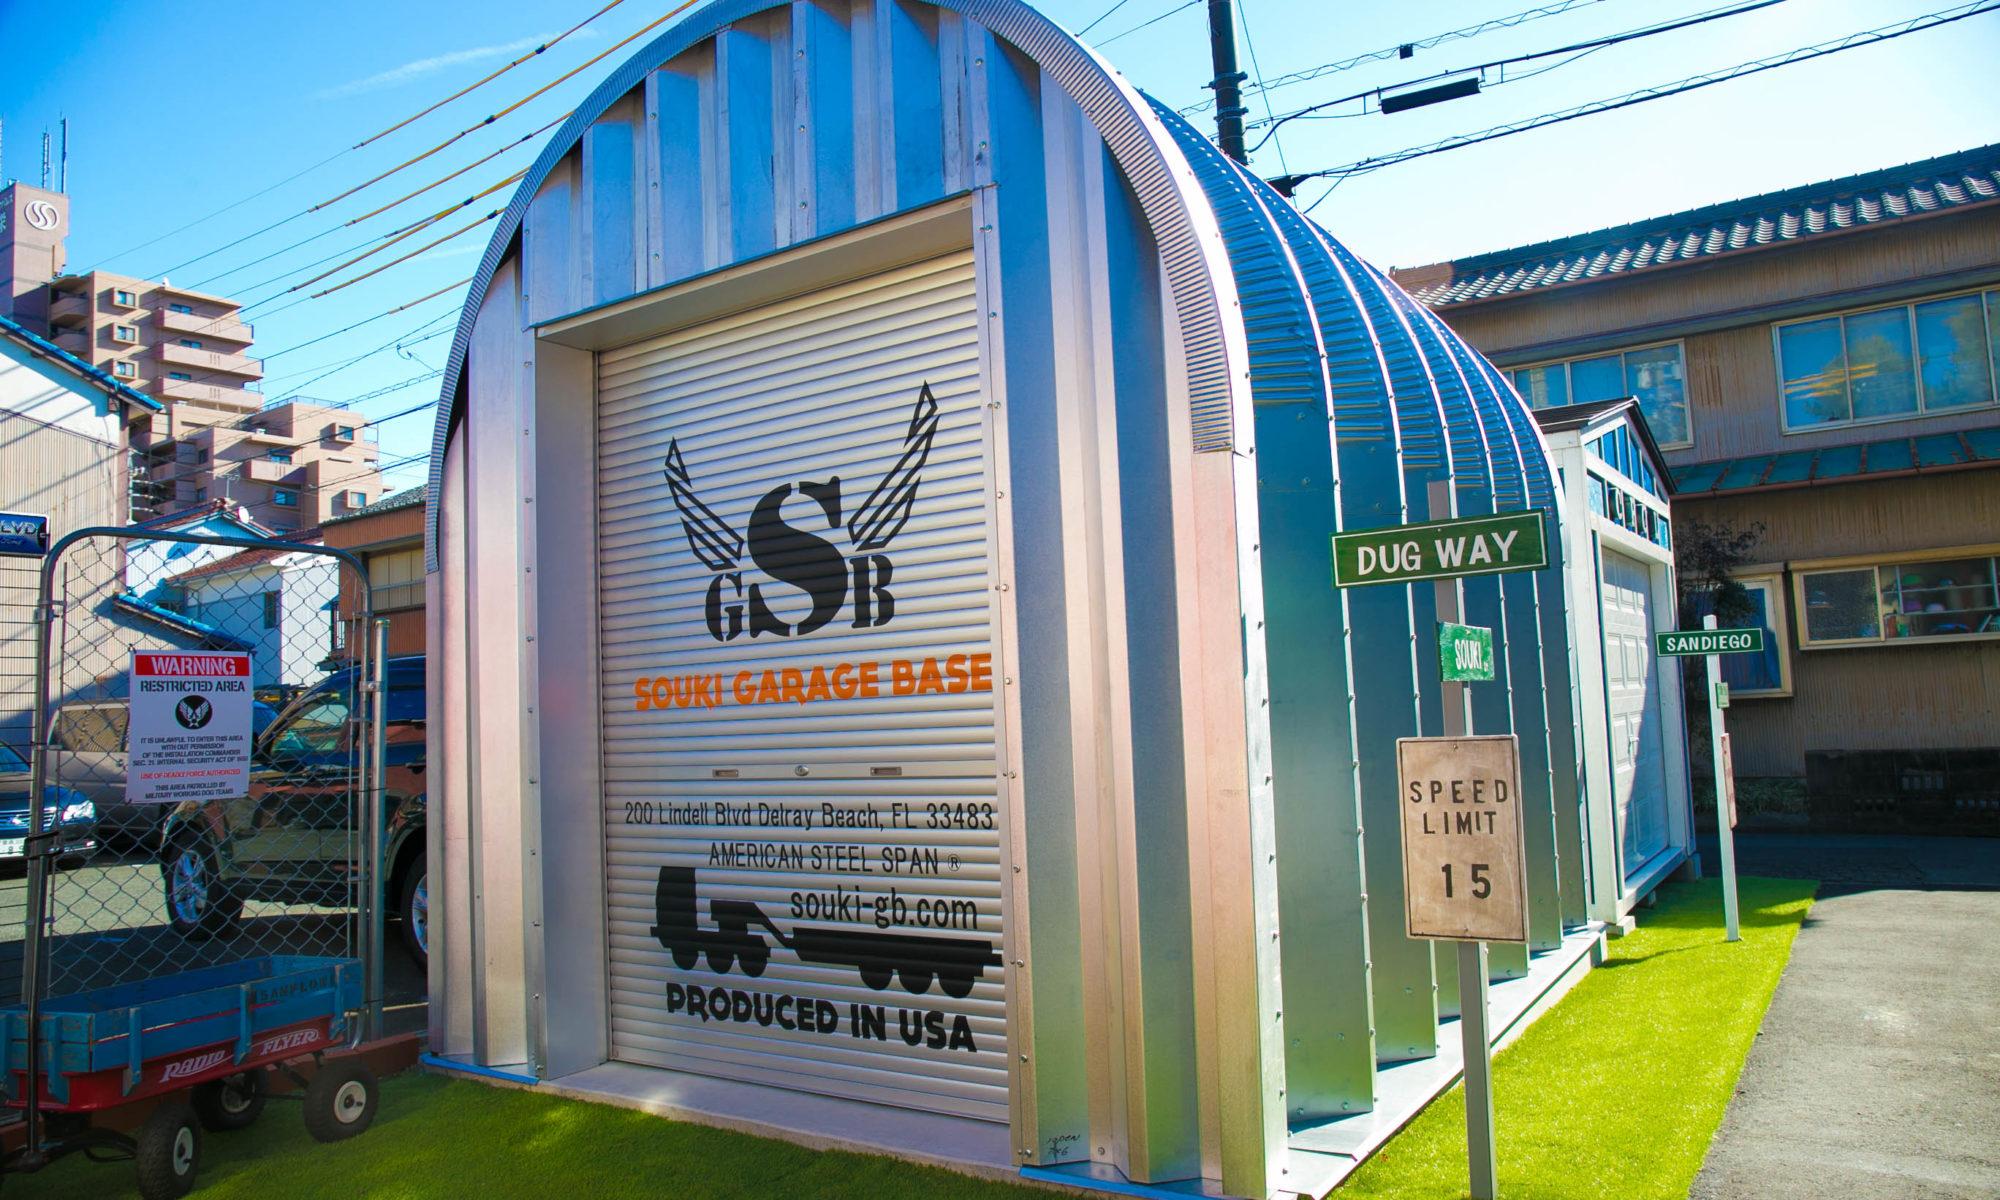 豊橋市にあるガレージ展示場の南栄ベースの写真です。